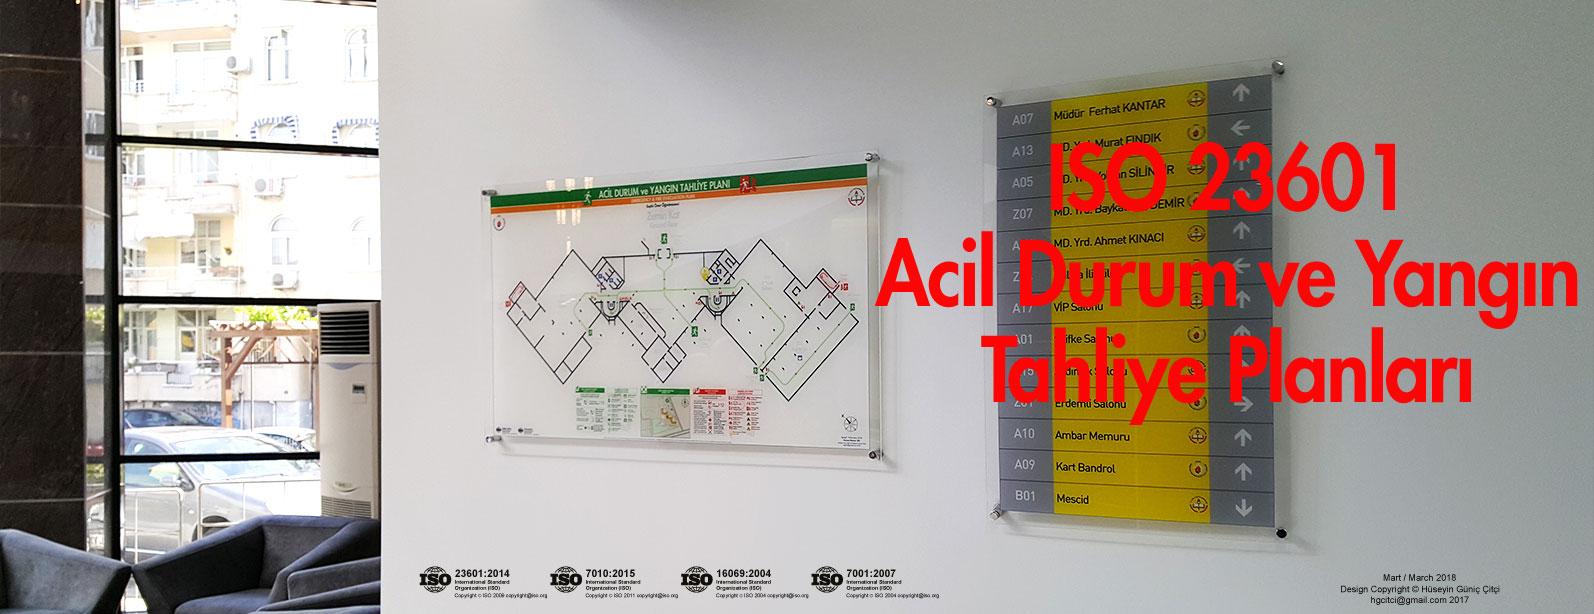 suphi-oner-ISO 23601 Acil Durum ve Yangın Tahliye Kat Planları